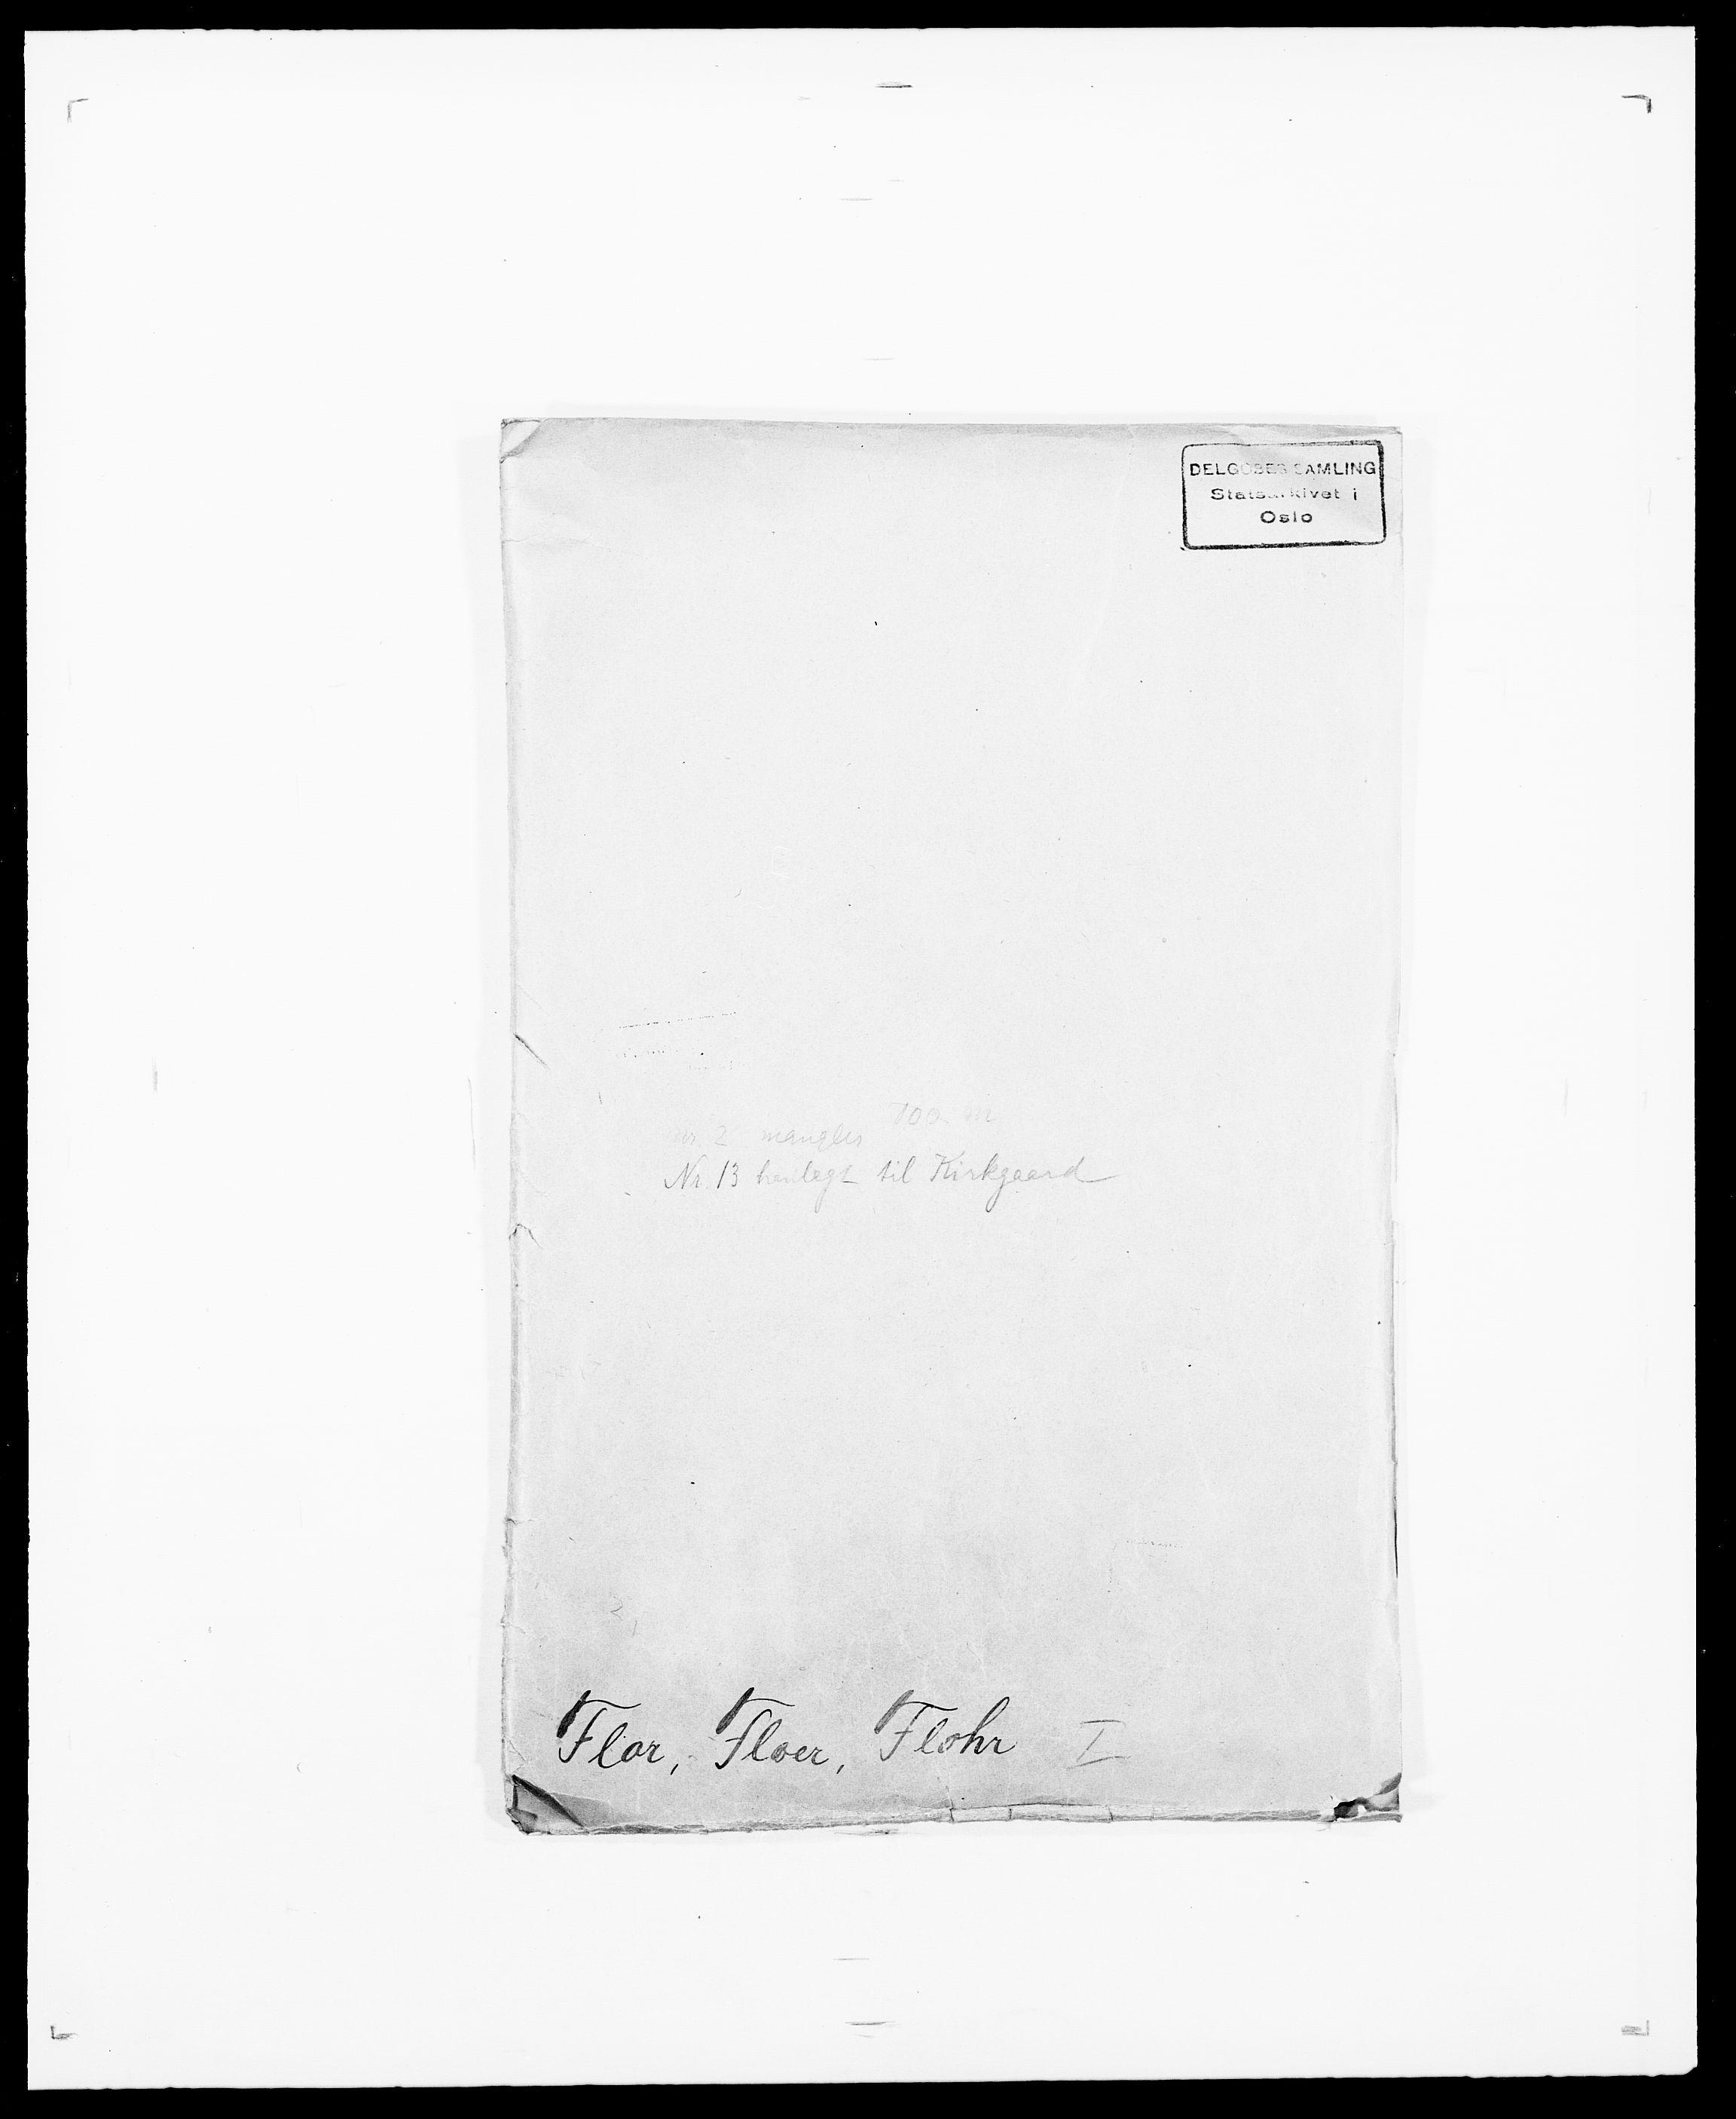 SAO, Delgobe, Charles Antoine - samling, D/Da/L0012: Flor, Floer, Flohr - Fritzner, s. 1